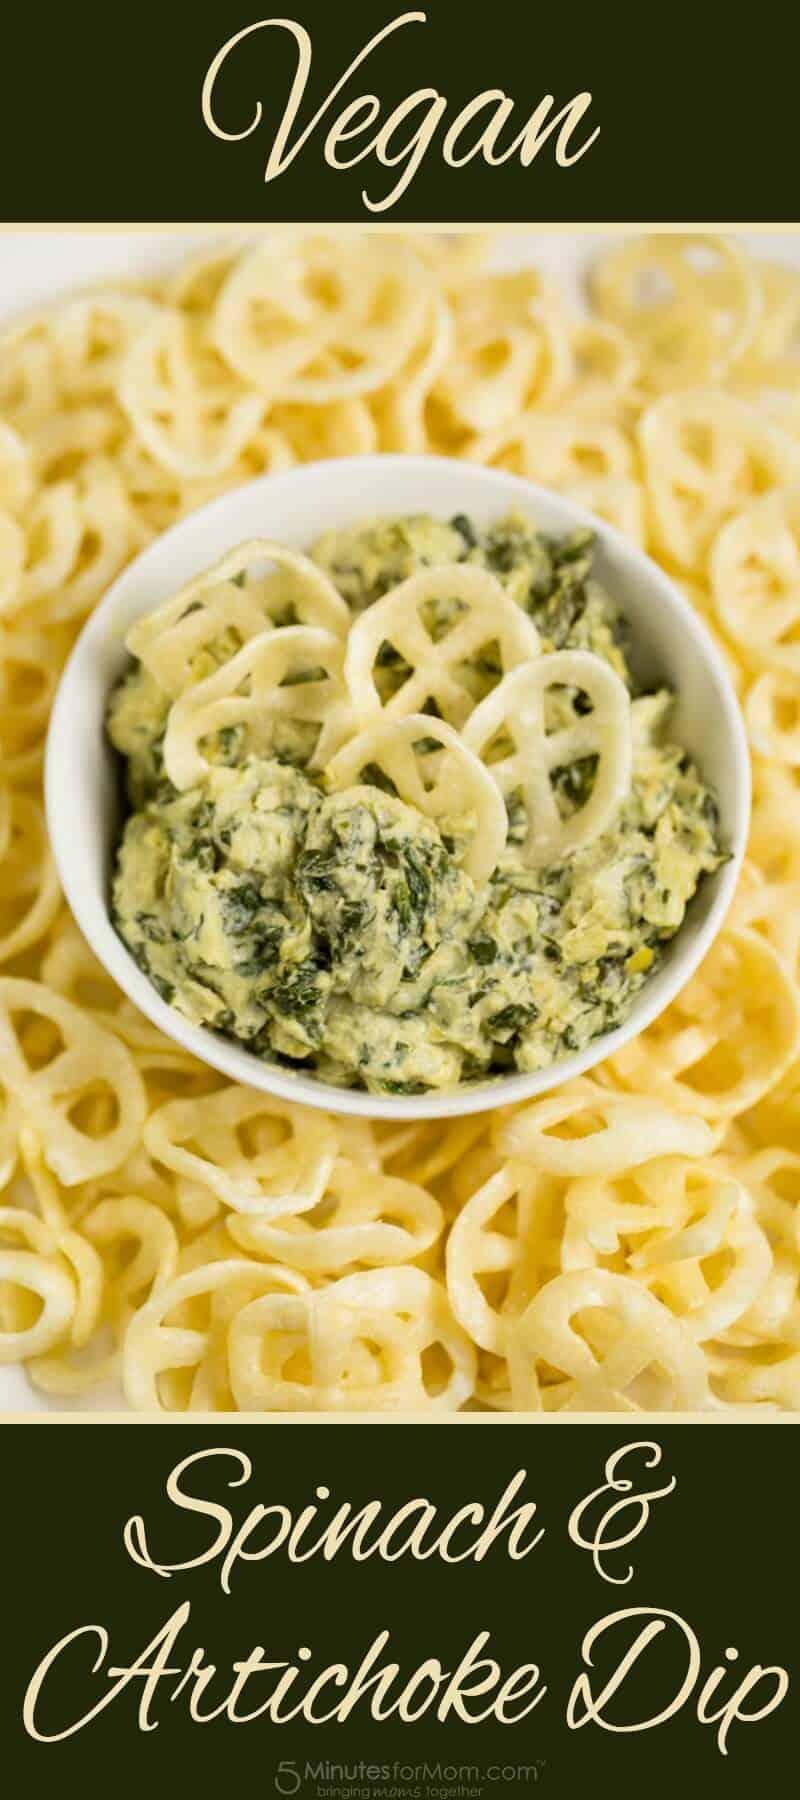 Vegan Spinach and Artichoke Dip Recipe